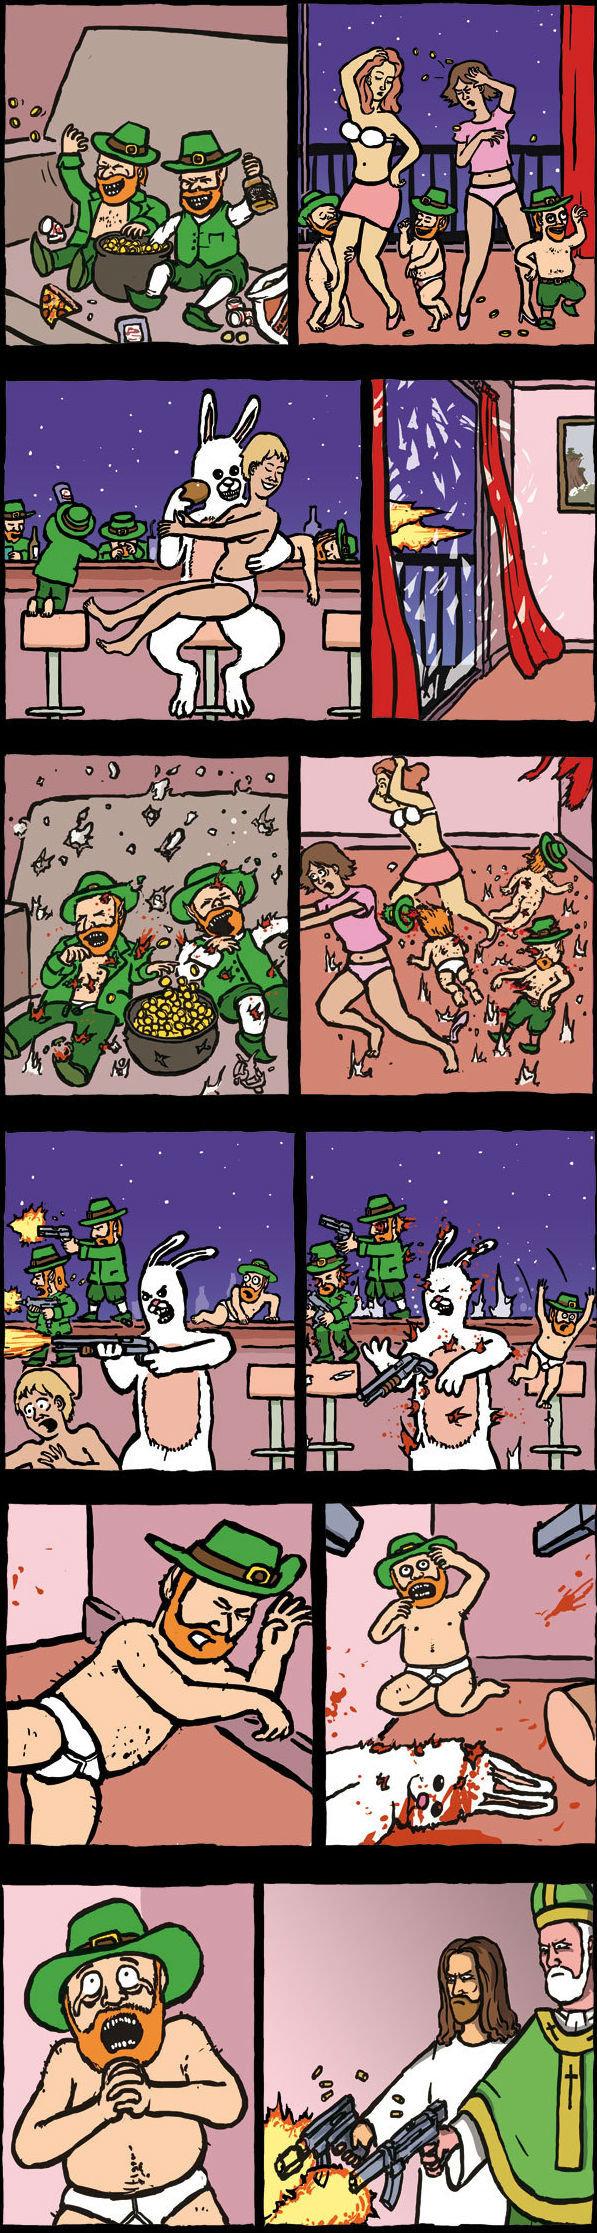 Relevant to Ireland.. . Relevant to Ireland